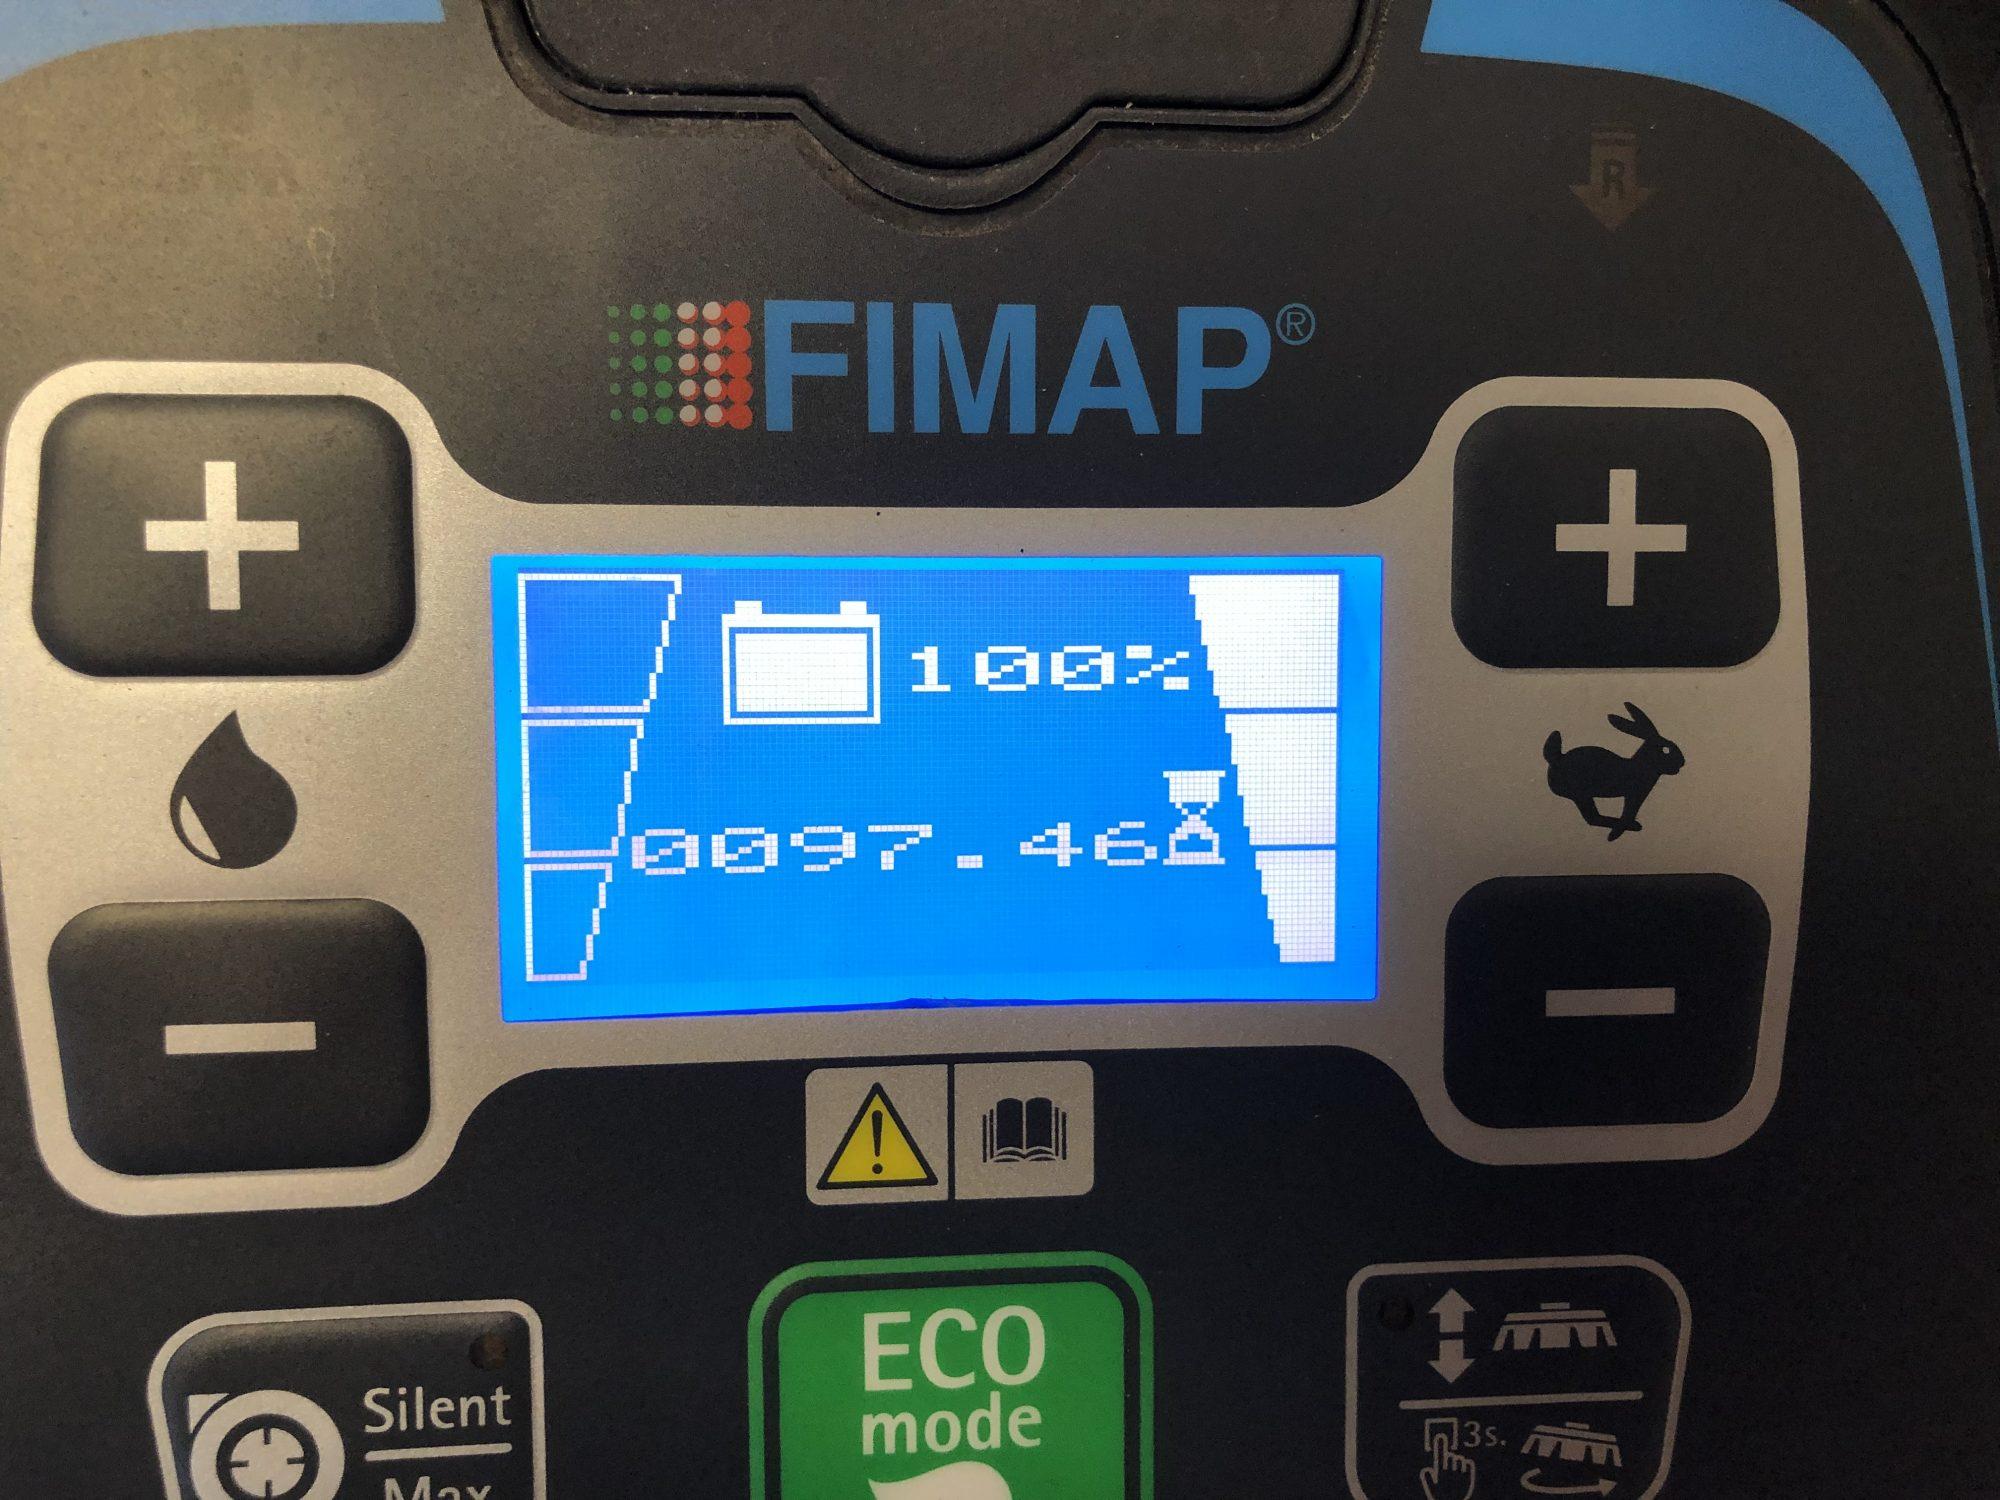 Fimap Maxima 50 Bt Pro 2